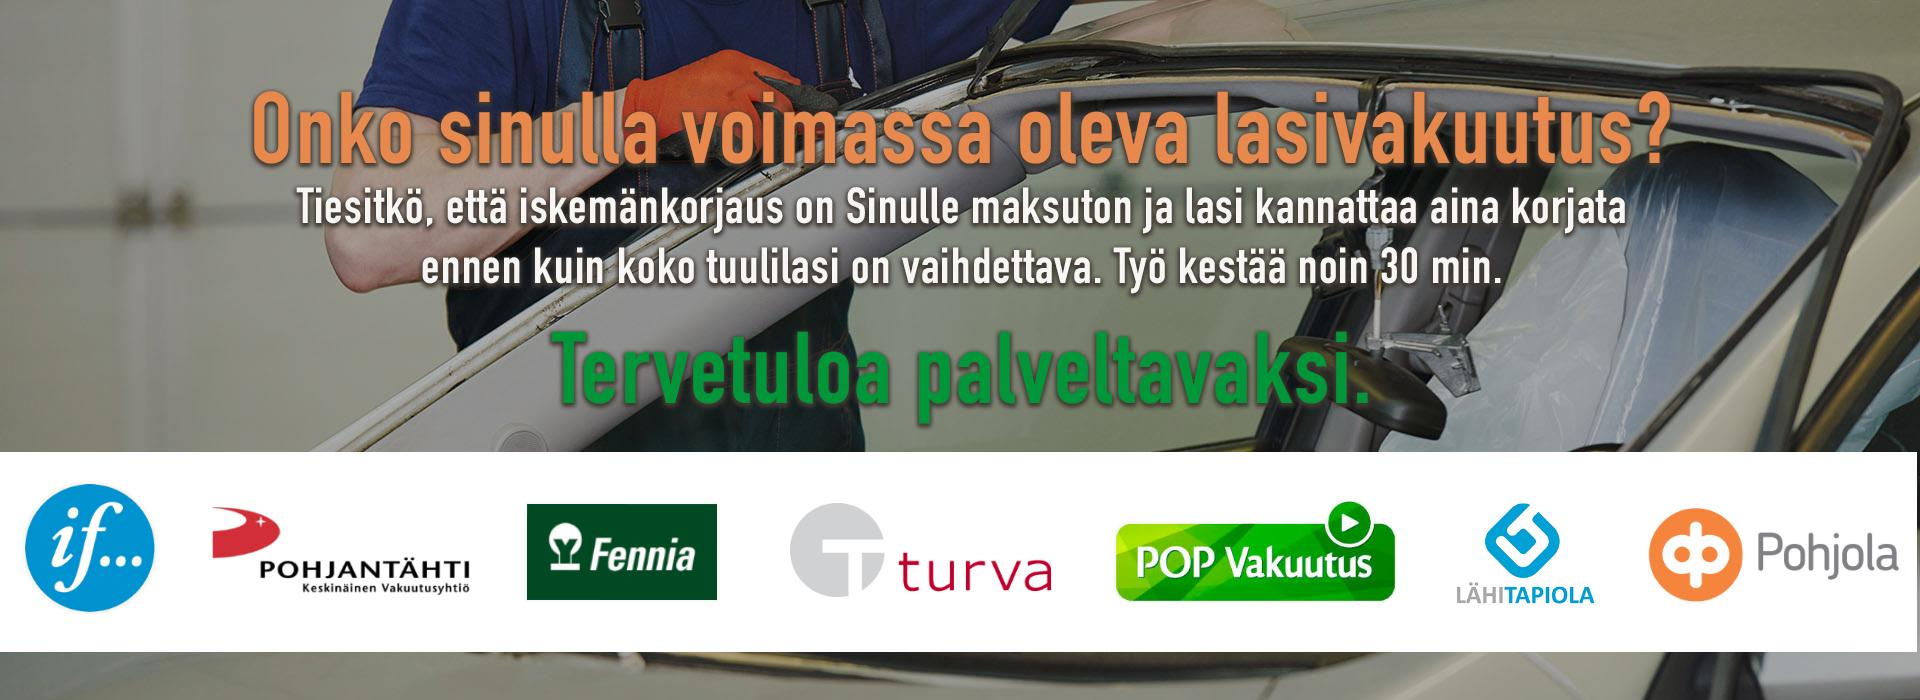 Vakuutusyhtiöiden hyväksymä tuulilasikorjaamo Tampereella